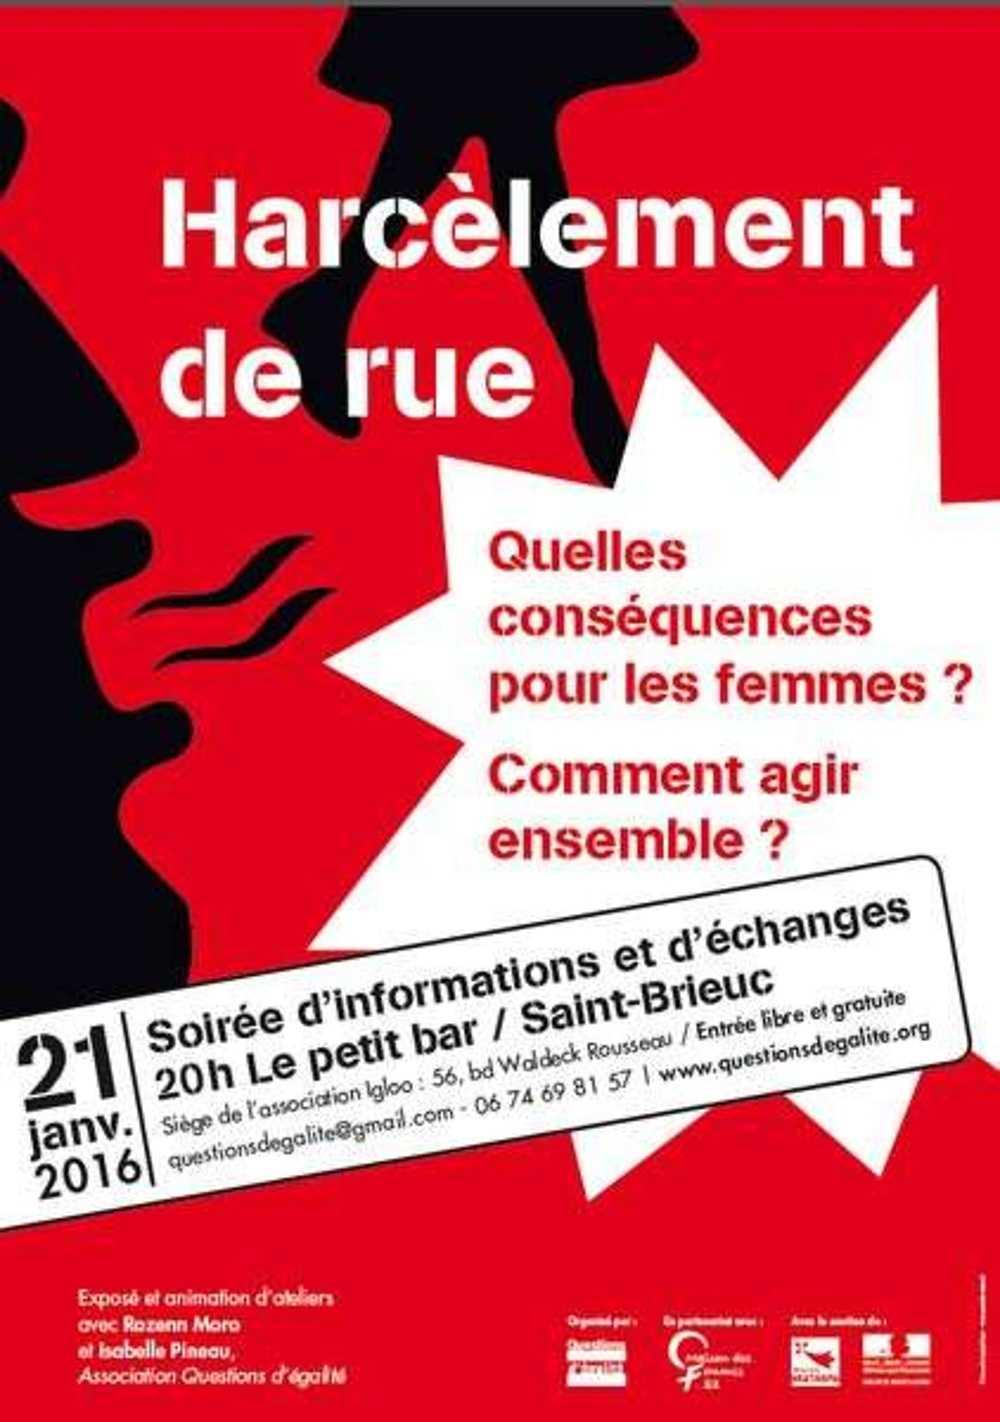 Harcèlement de rue. Soirée d''information le 21 janvier clipboard-4